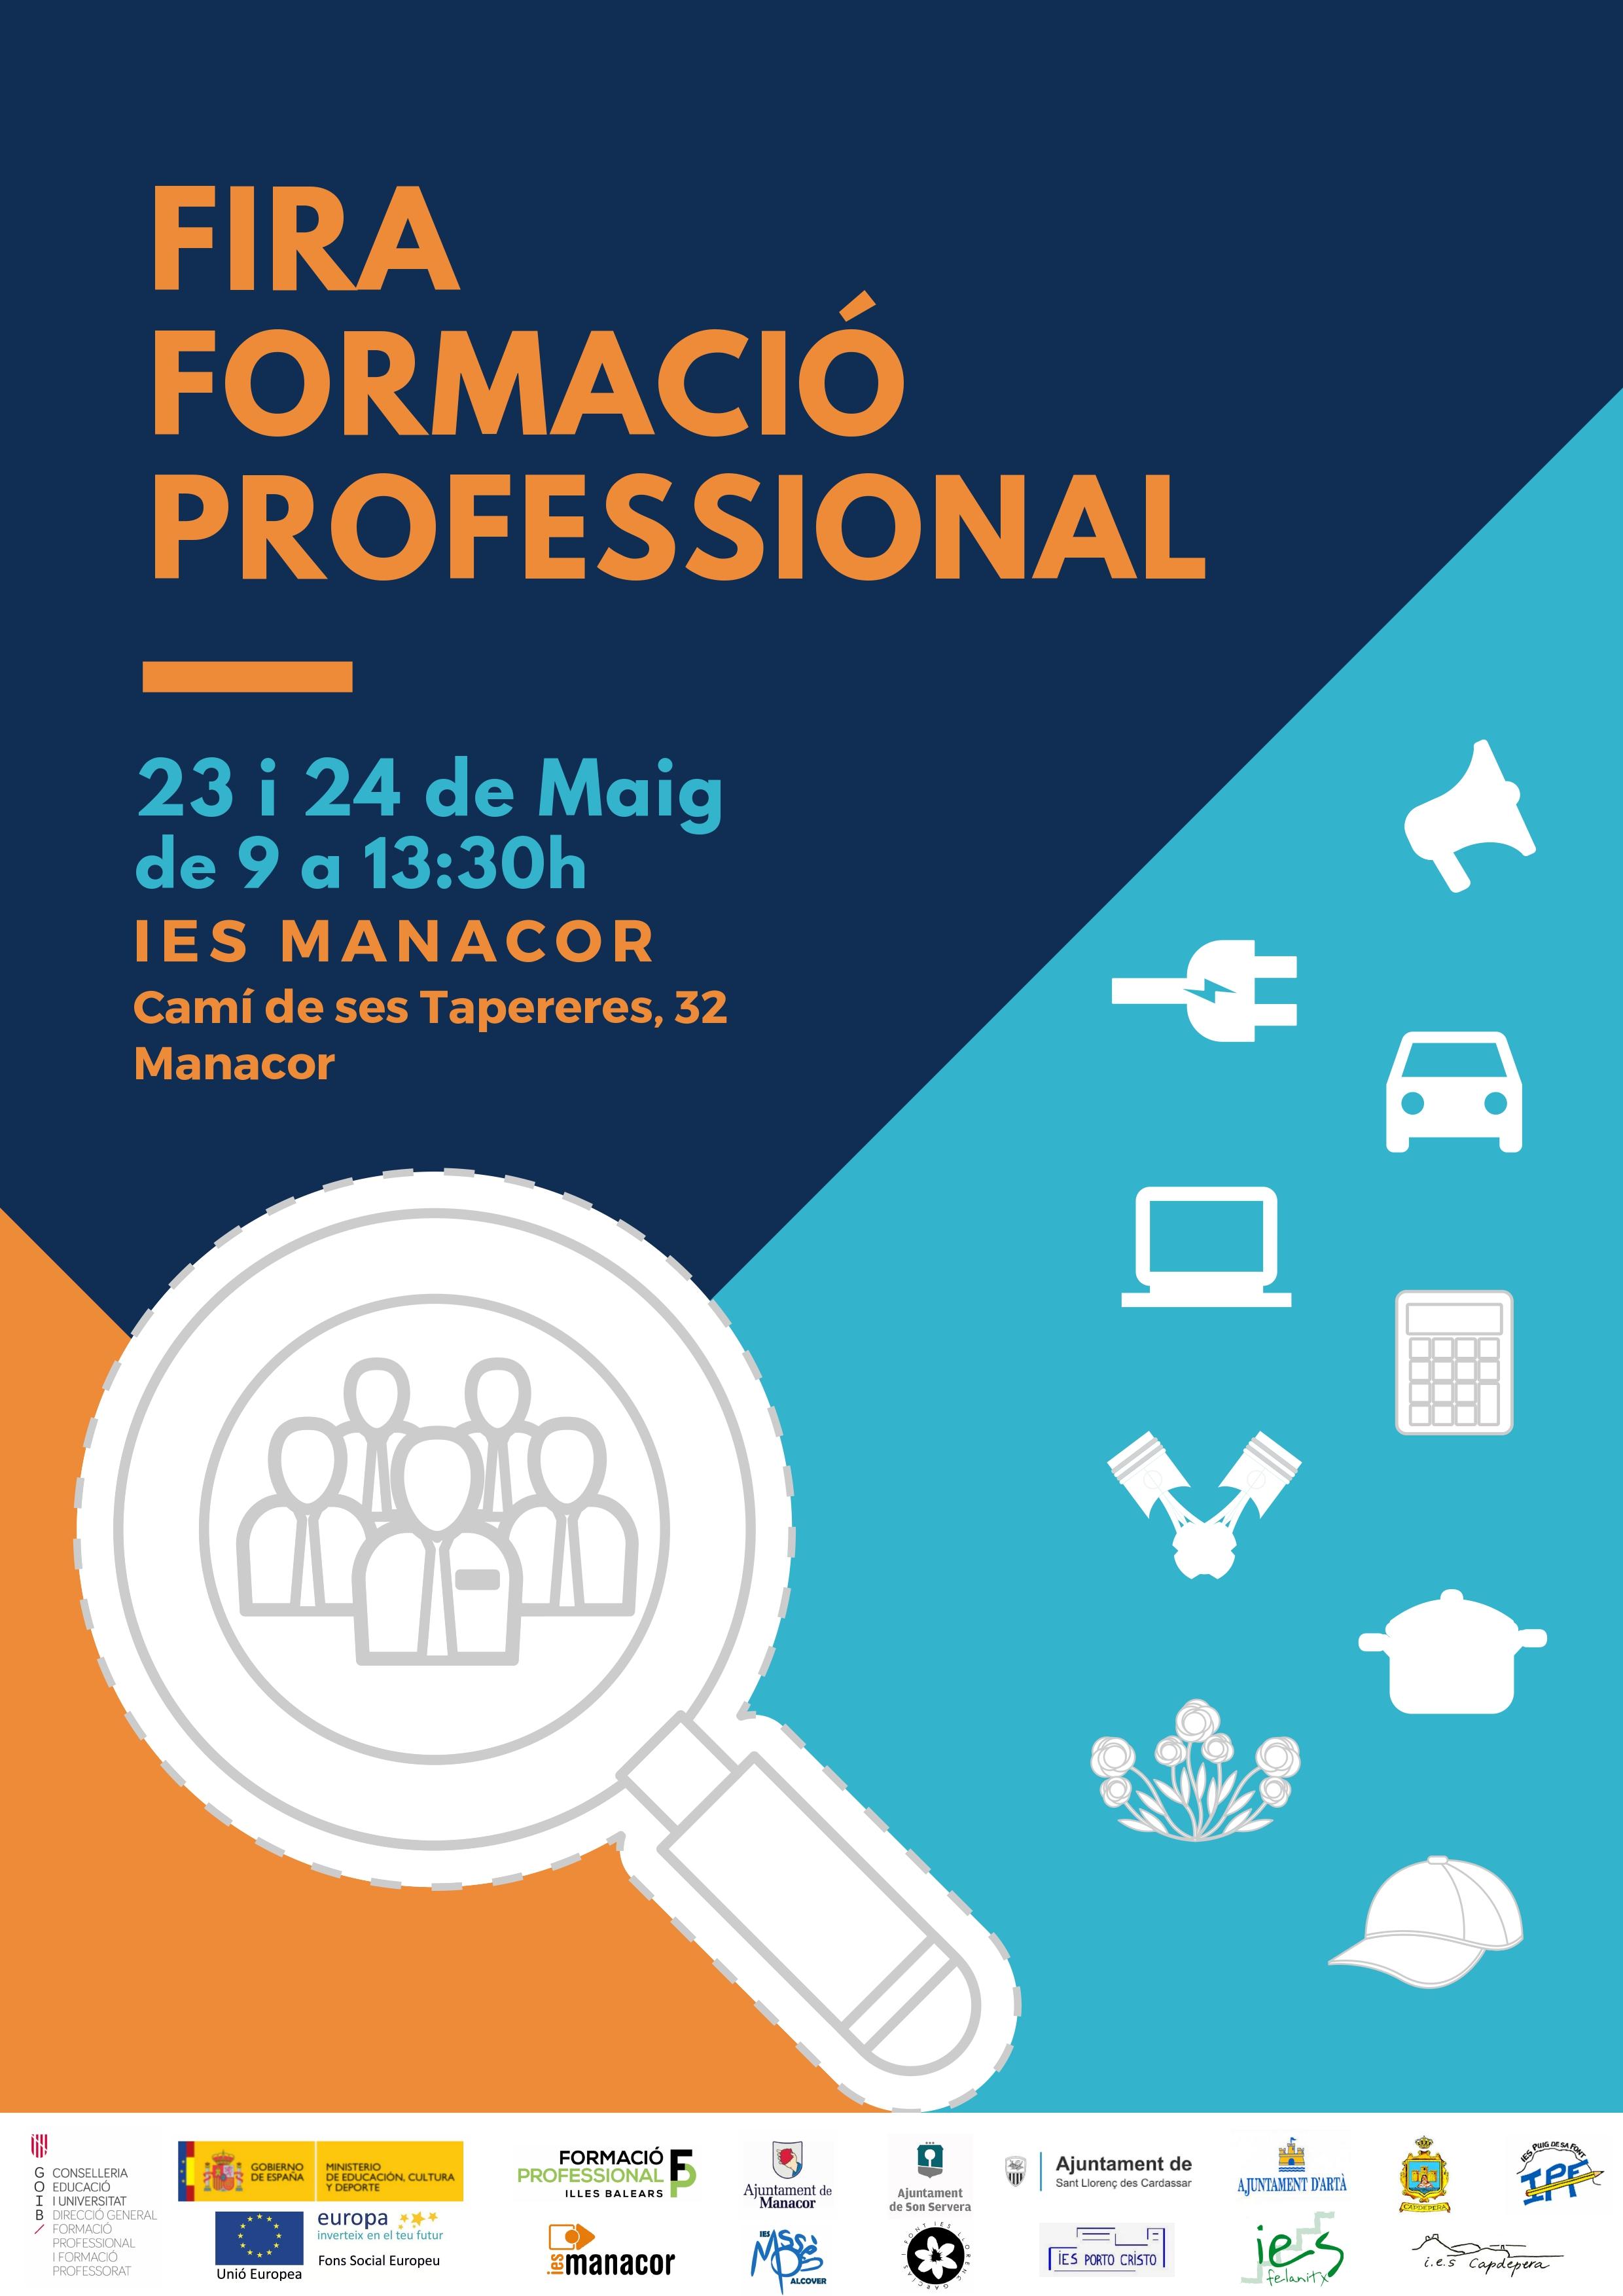 FIRA FORMACIÓ PROFESSIONAL